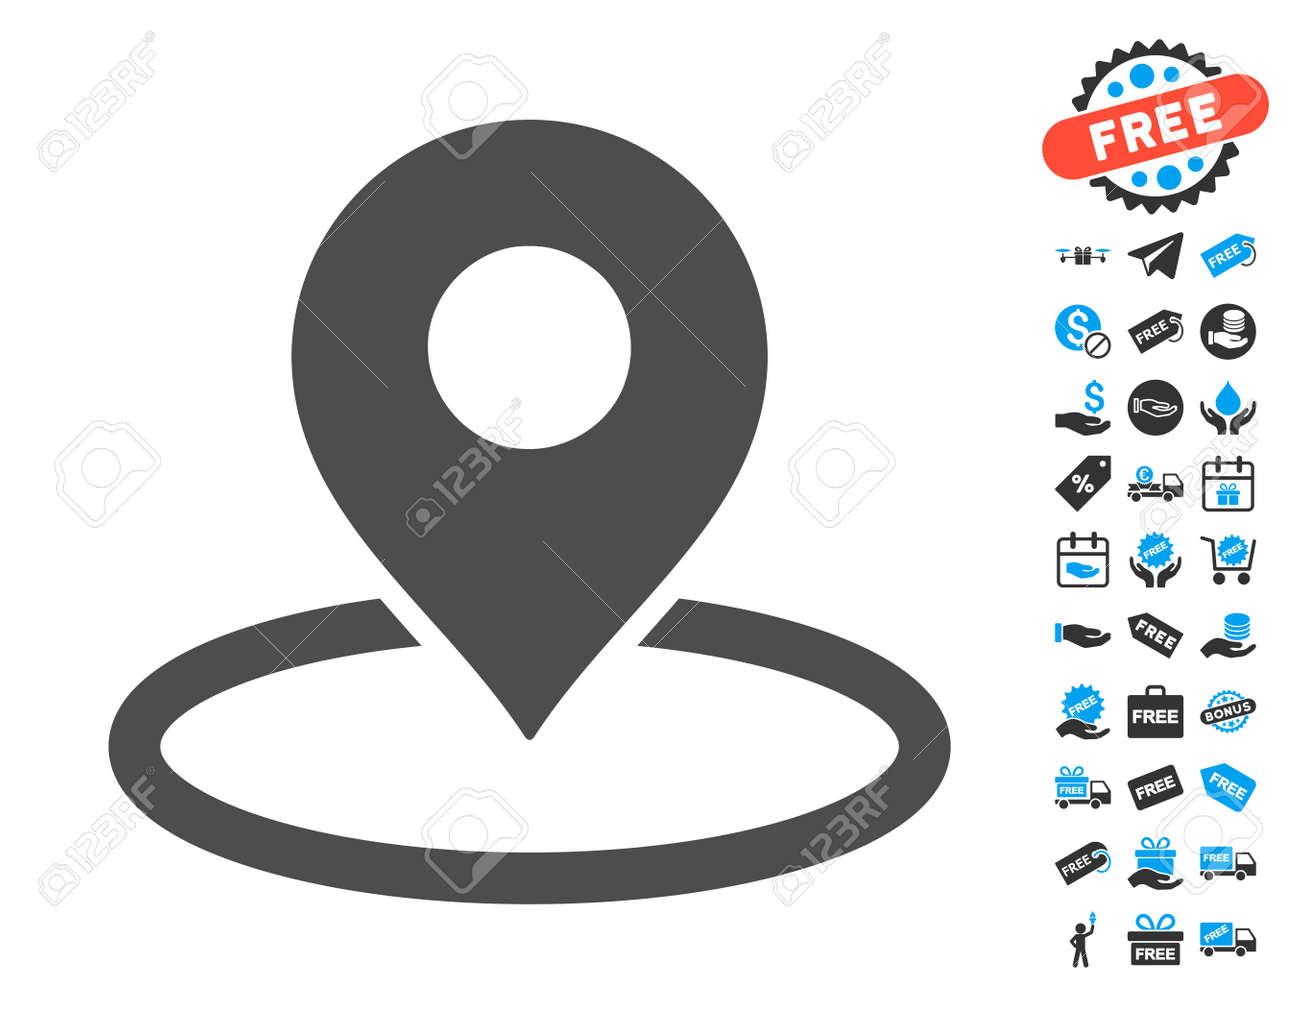 123 Images Gratuites map marker location icône grise avec des images bonus gratuites. le